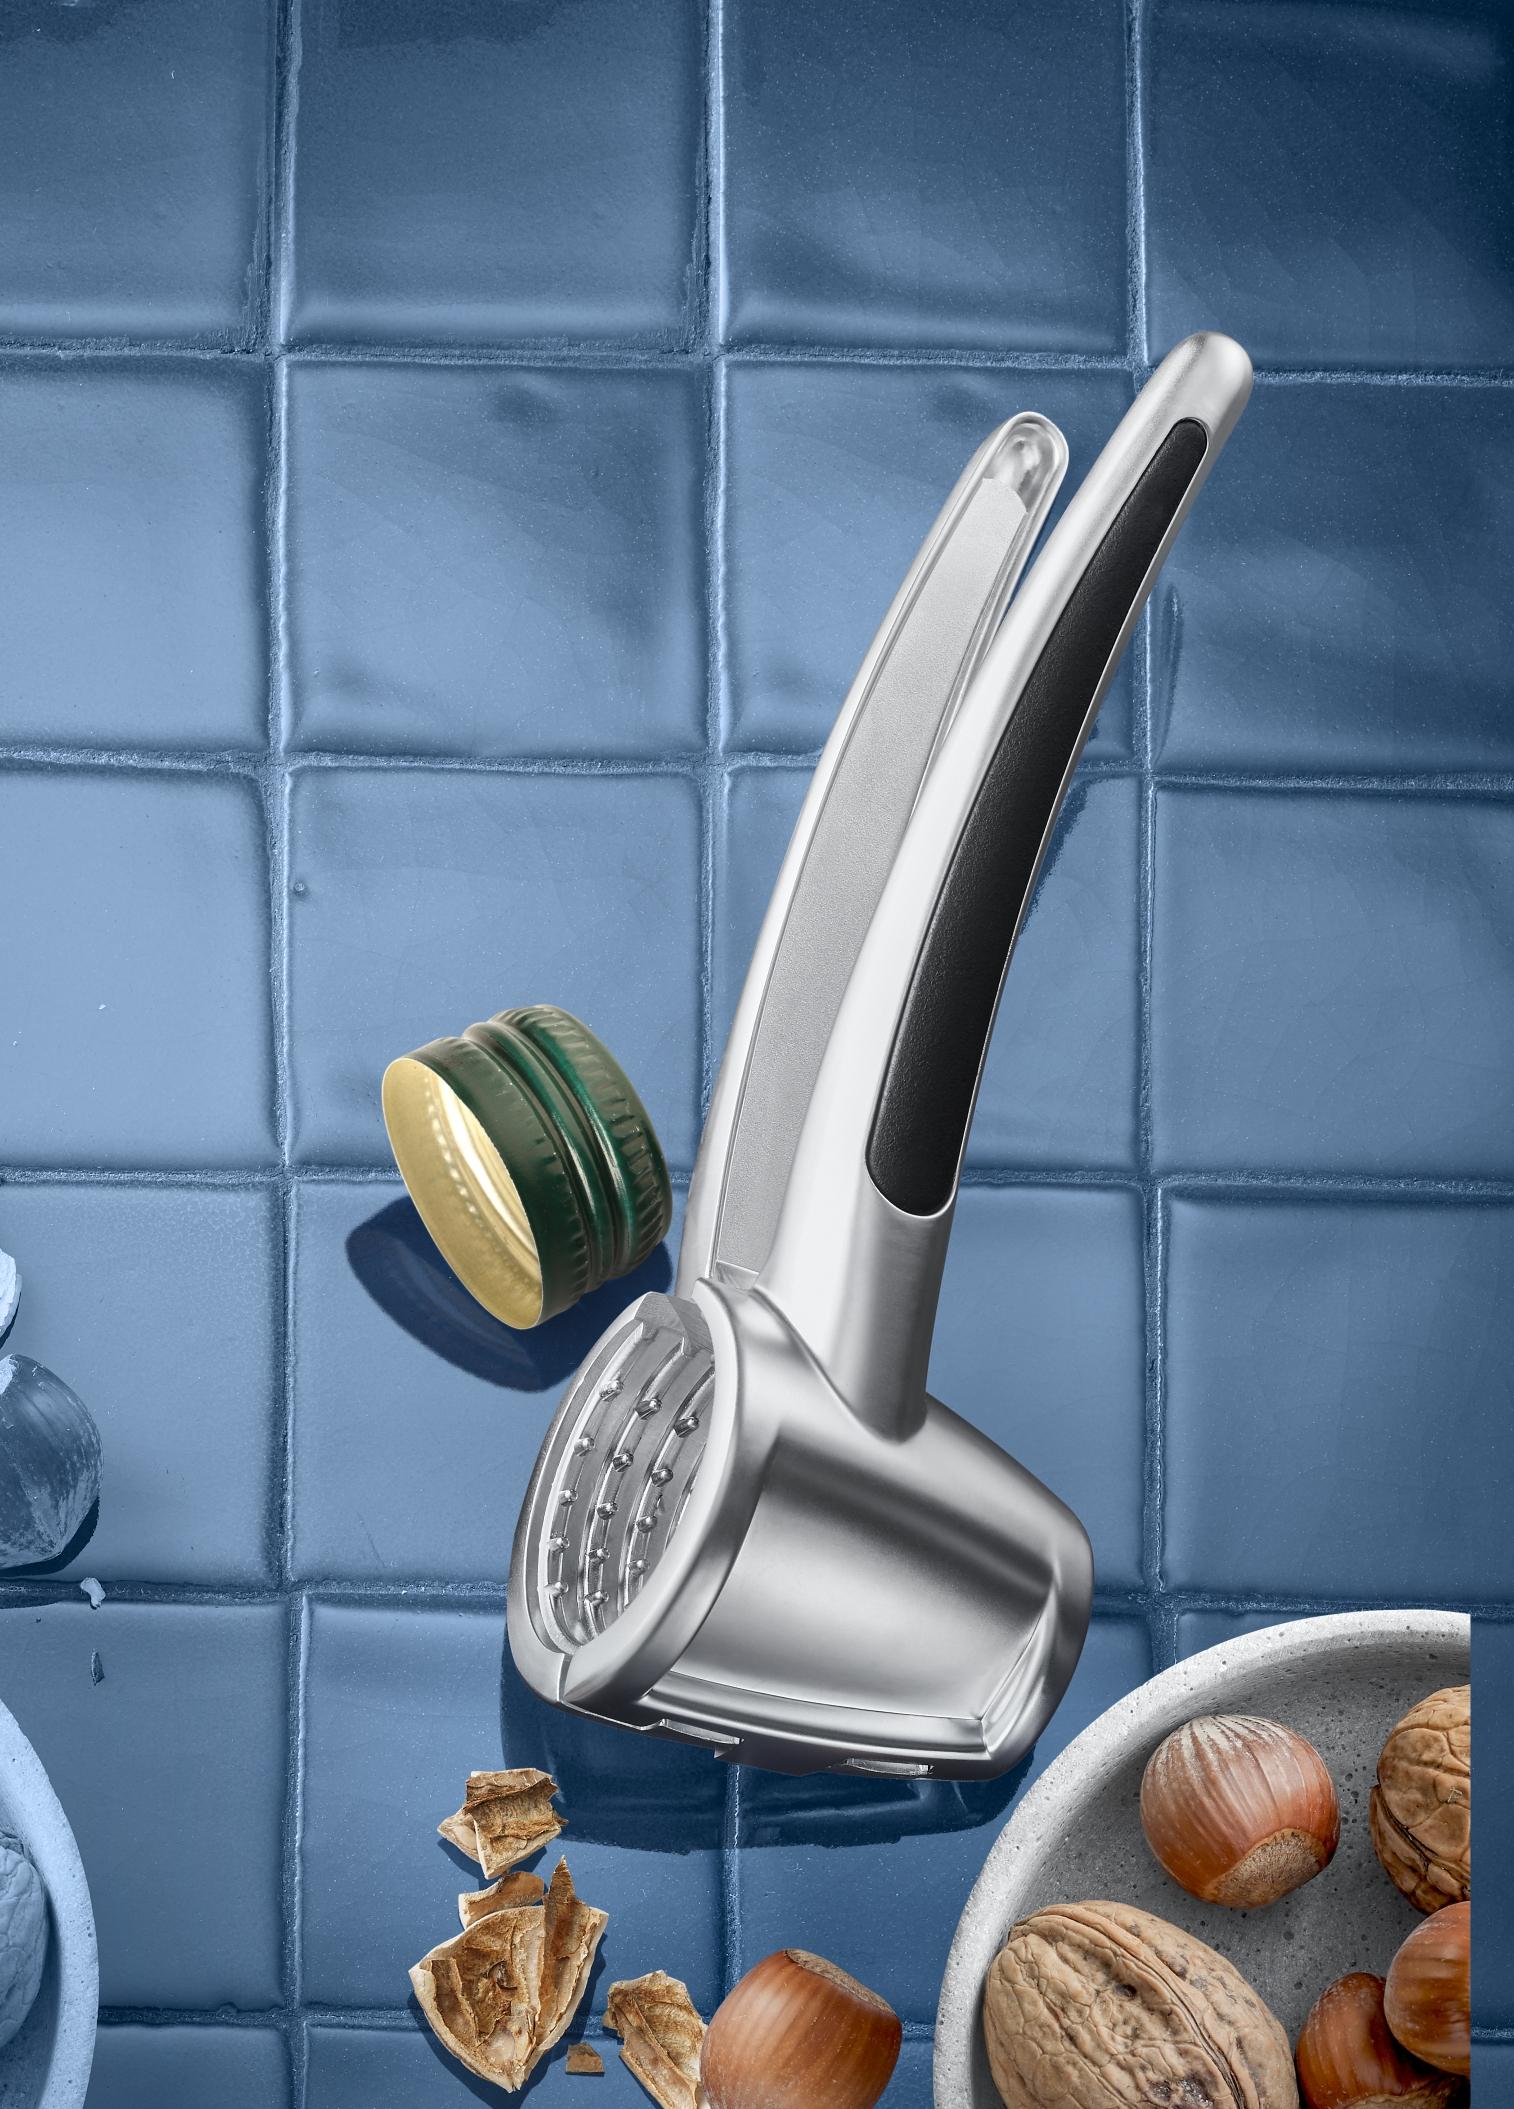 2'si bir arada fonksiyon ile mutfaktaki çok yönlü yardımcınız